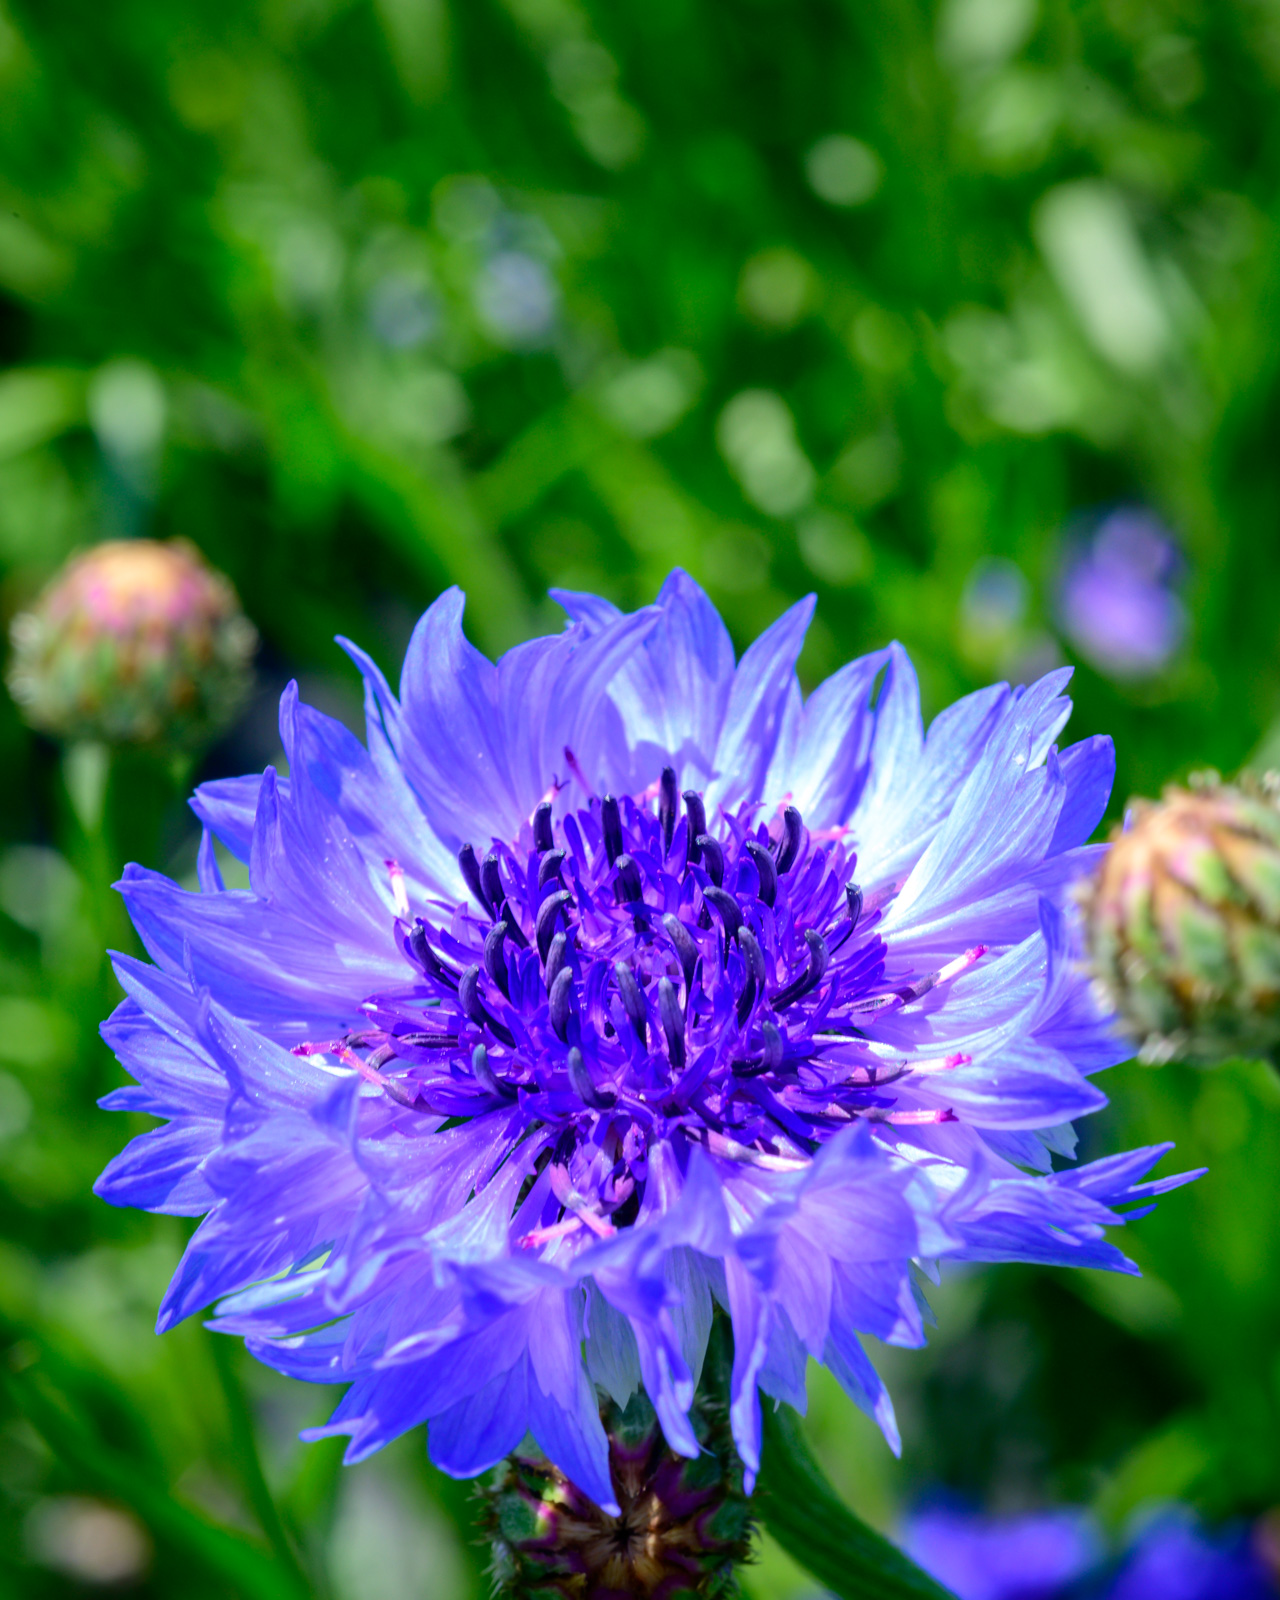 Flower Bloom_20.JPG